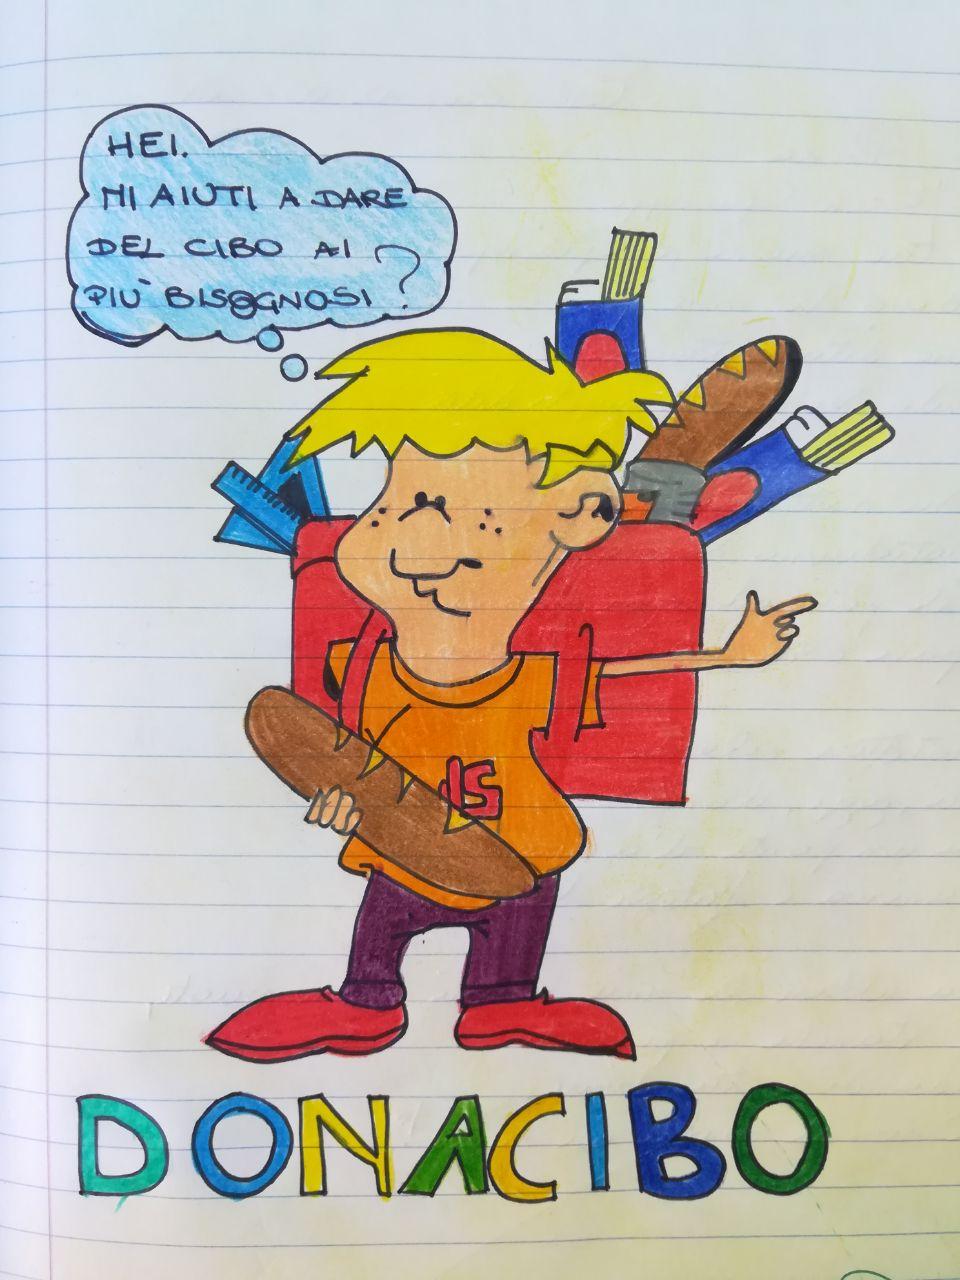 """DONACIBO: """"OGGI ANCHE IO, NEL MIO PICCOLO, HO FATTO UN GESTO DI CARITÀ""""."""